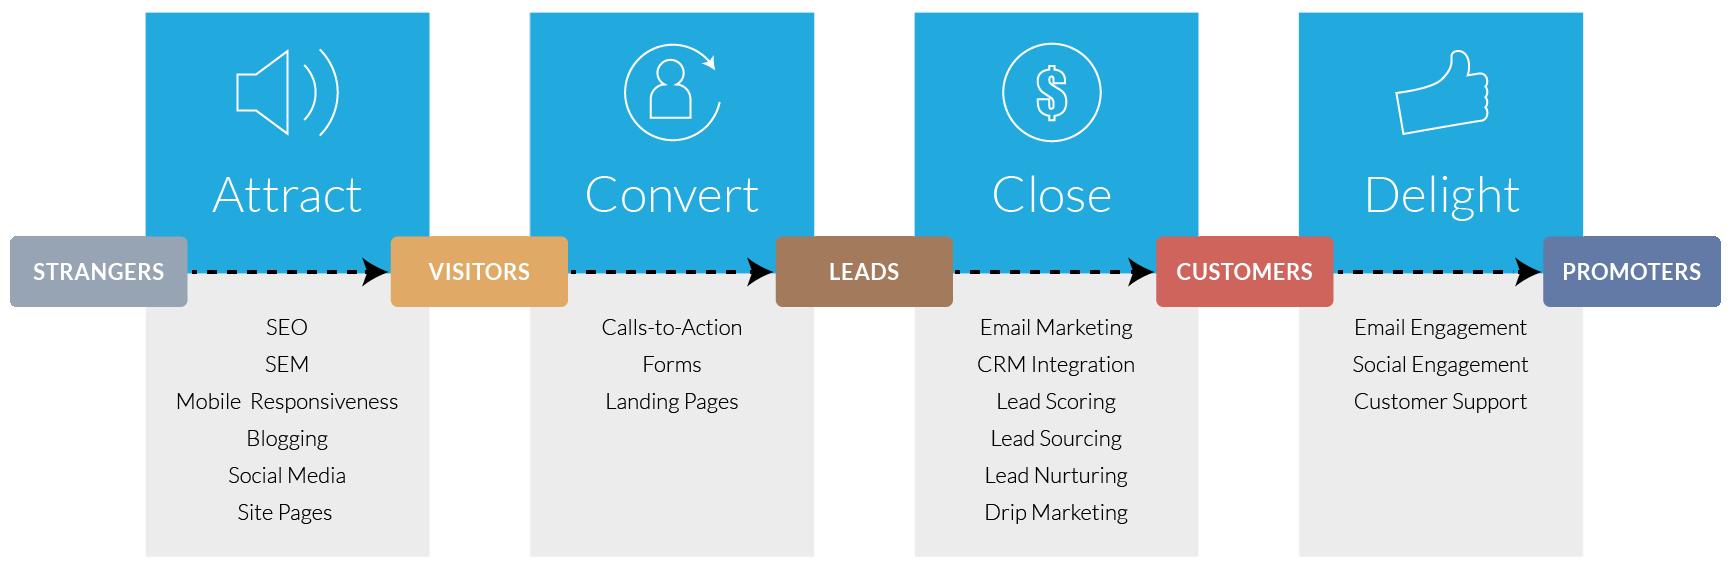 Inbound Marketing Methodology | Rhino Digital Media